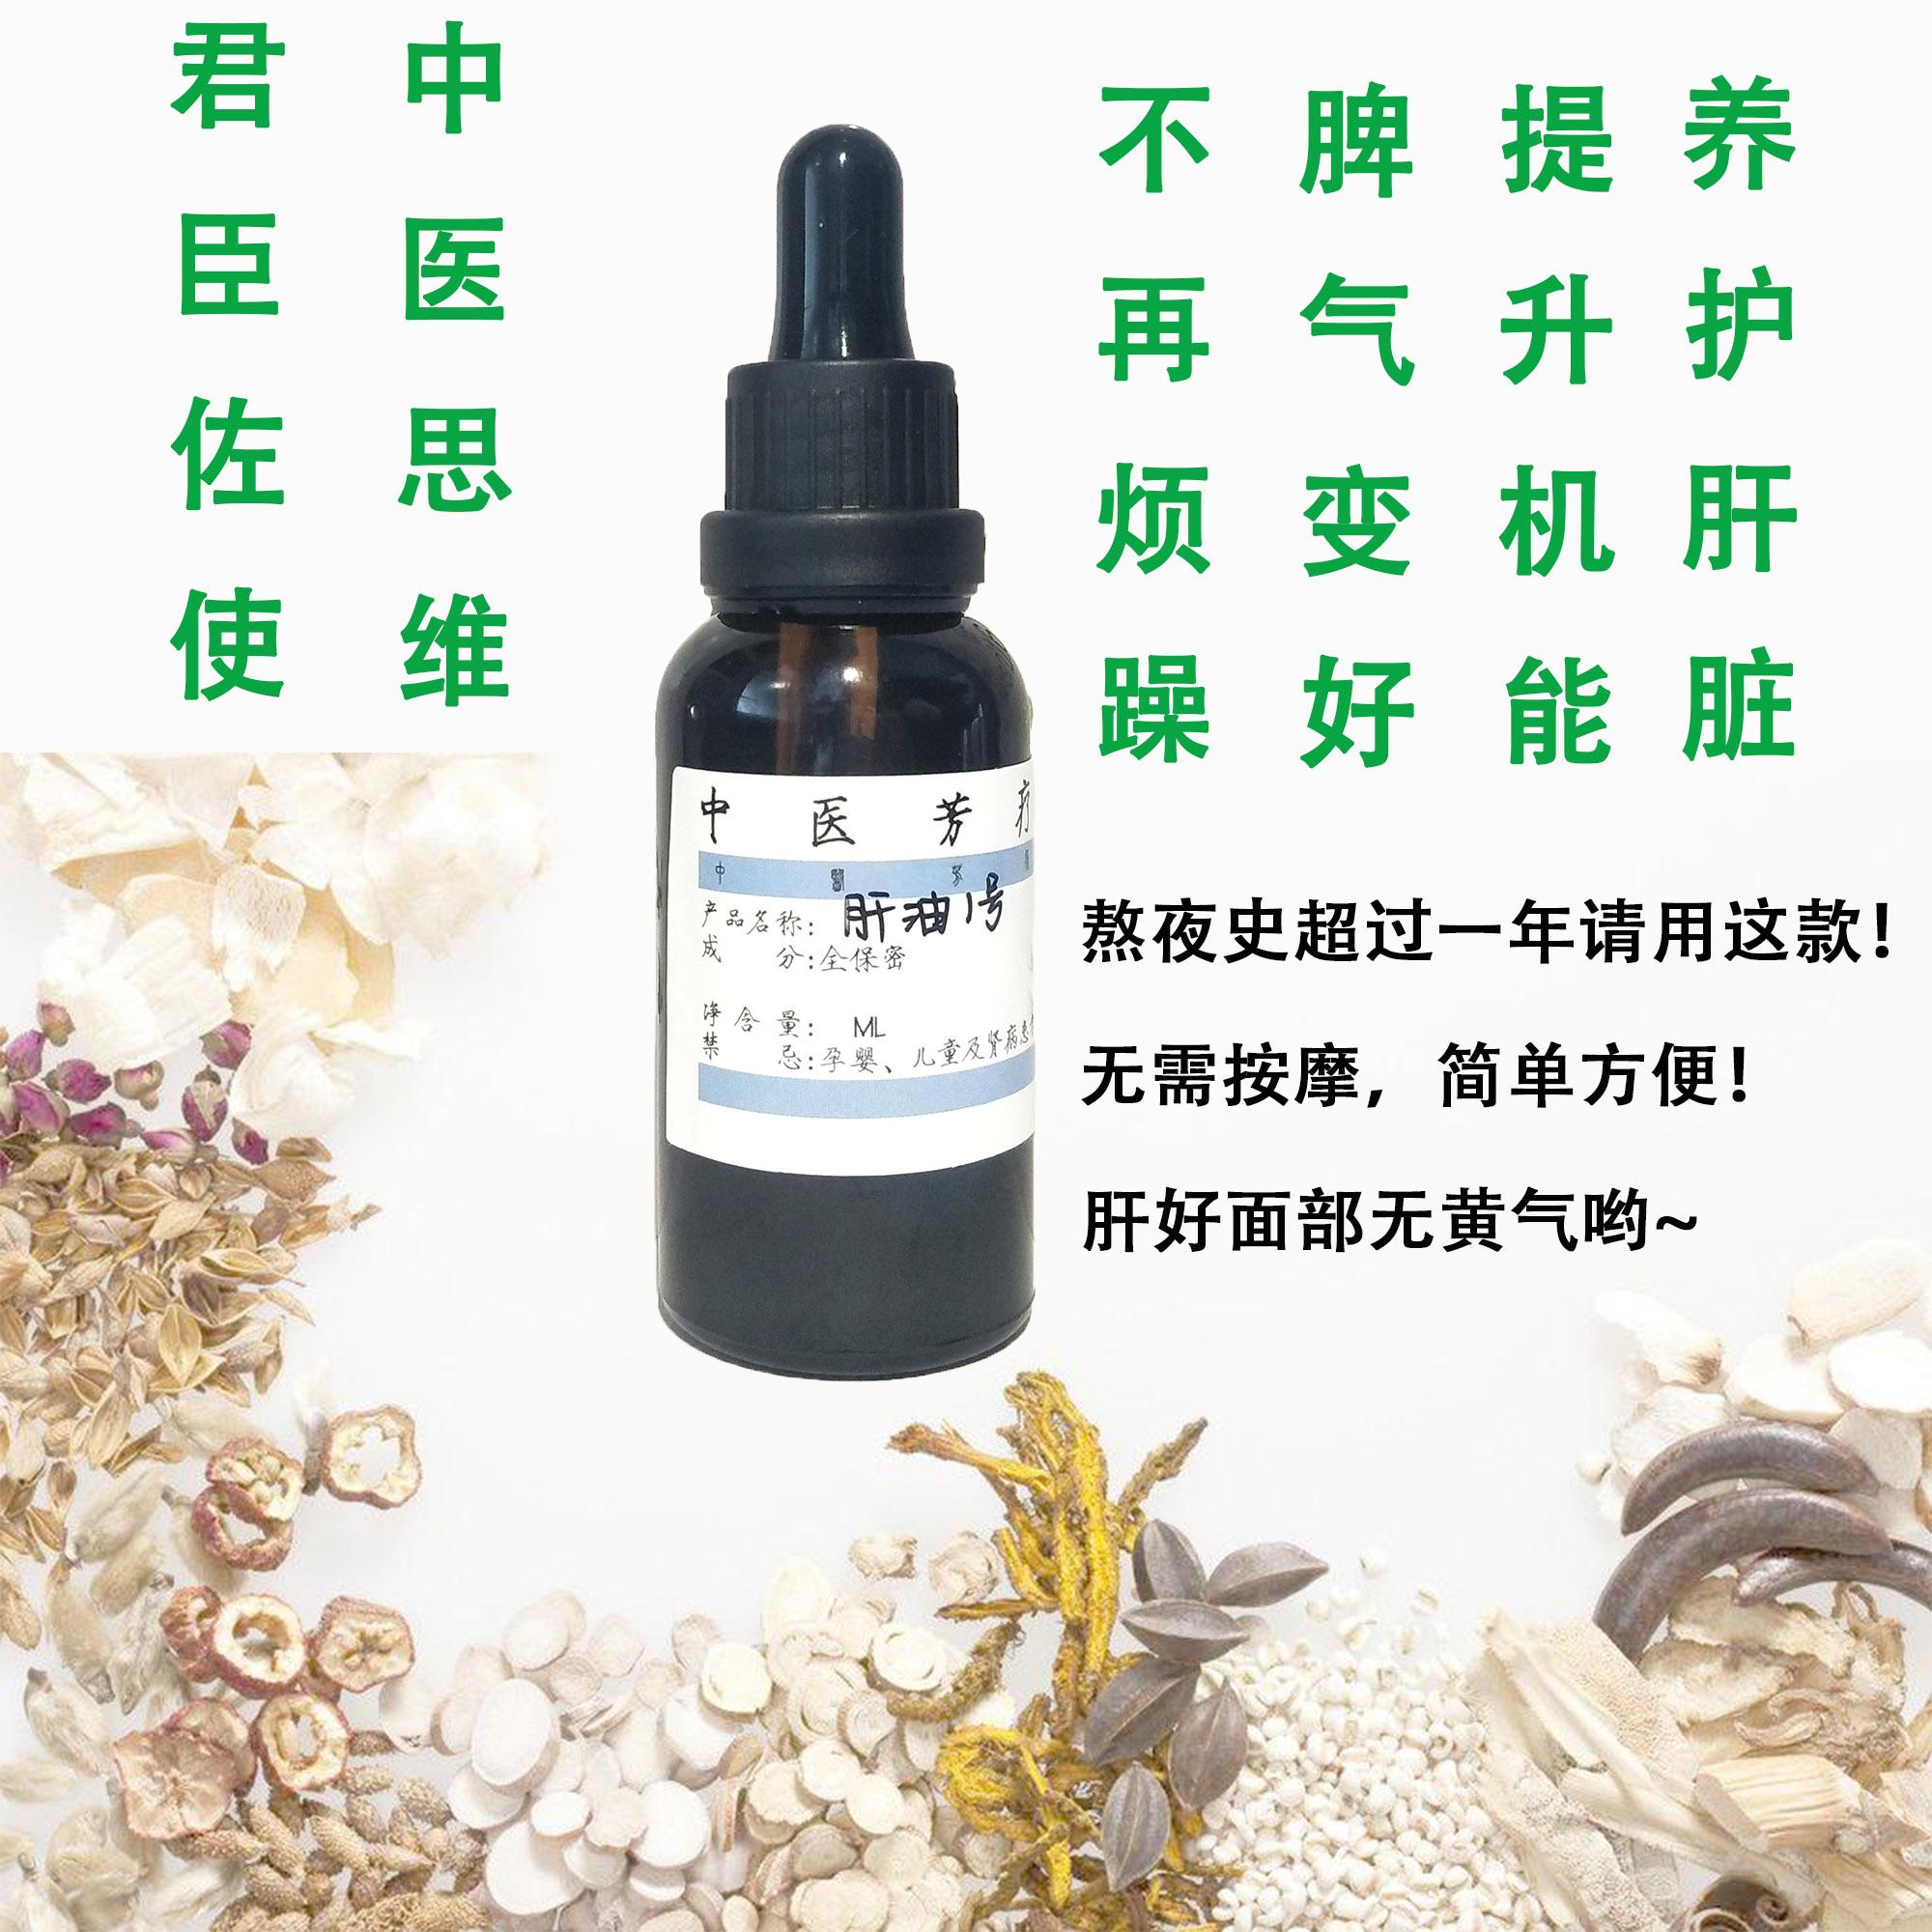 Эфирные масла / Масла для аромотерапии Артикул 557473976742